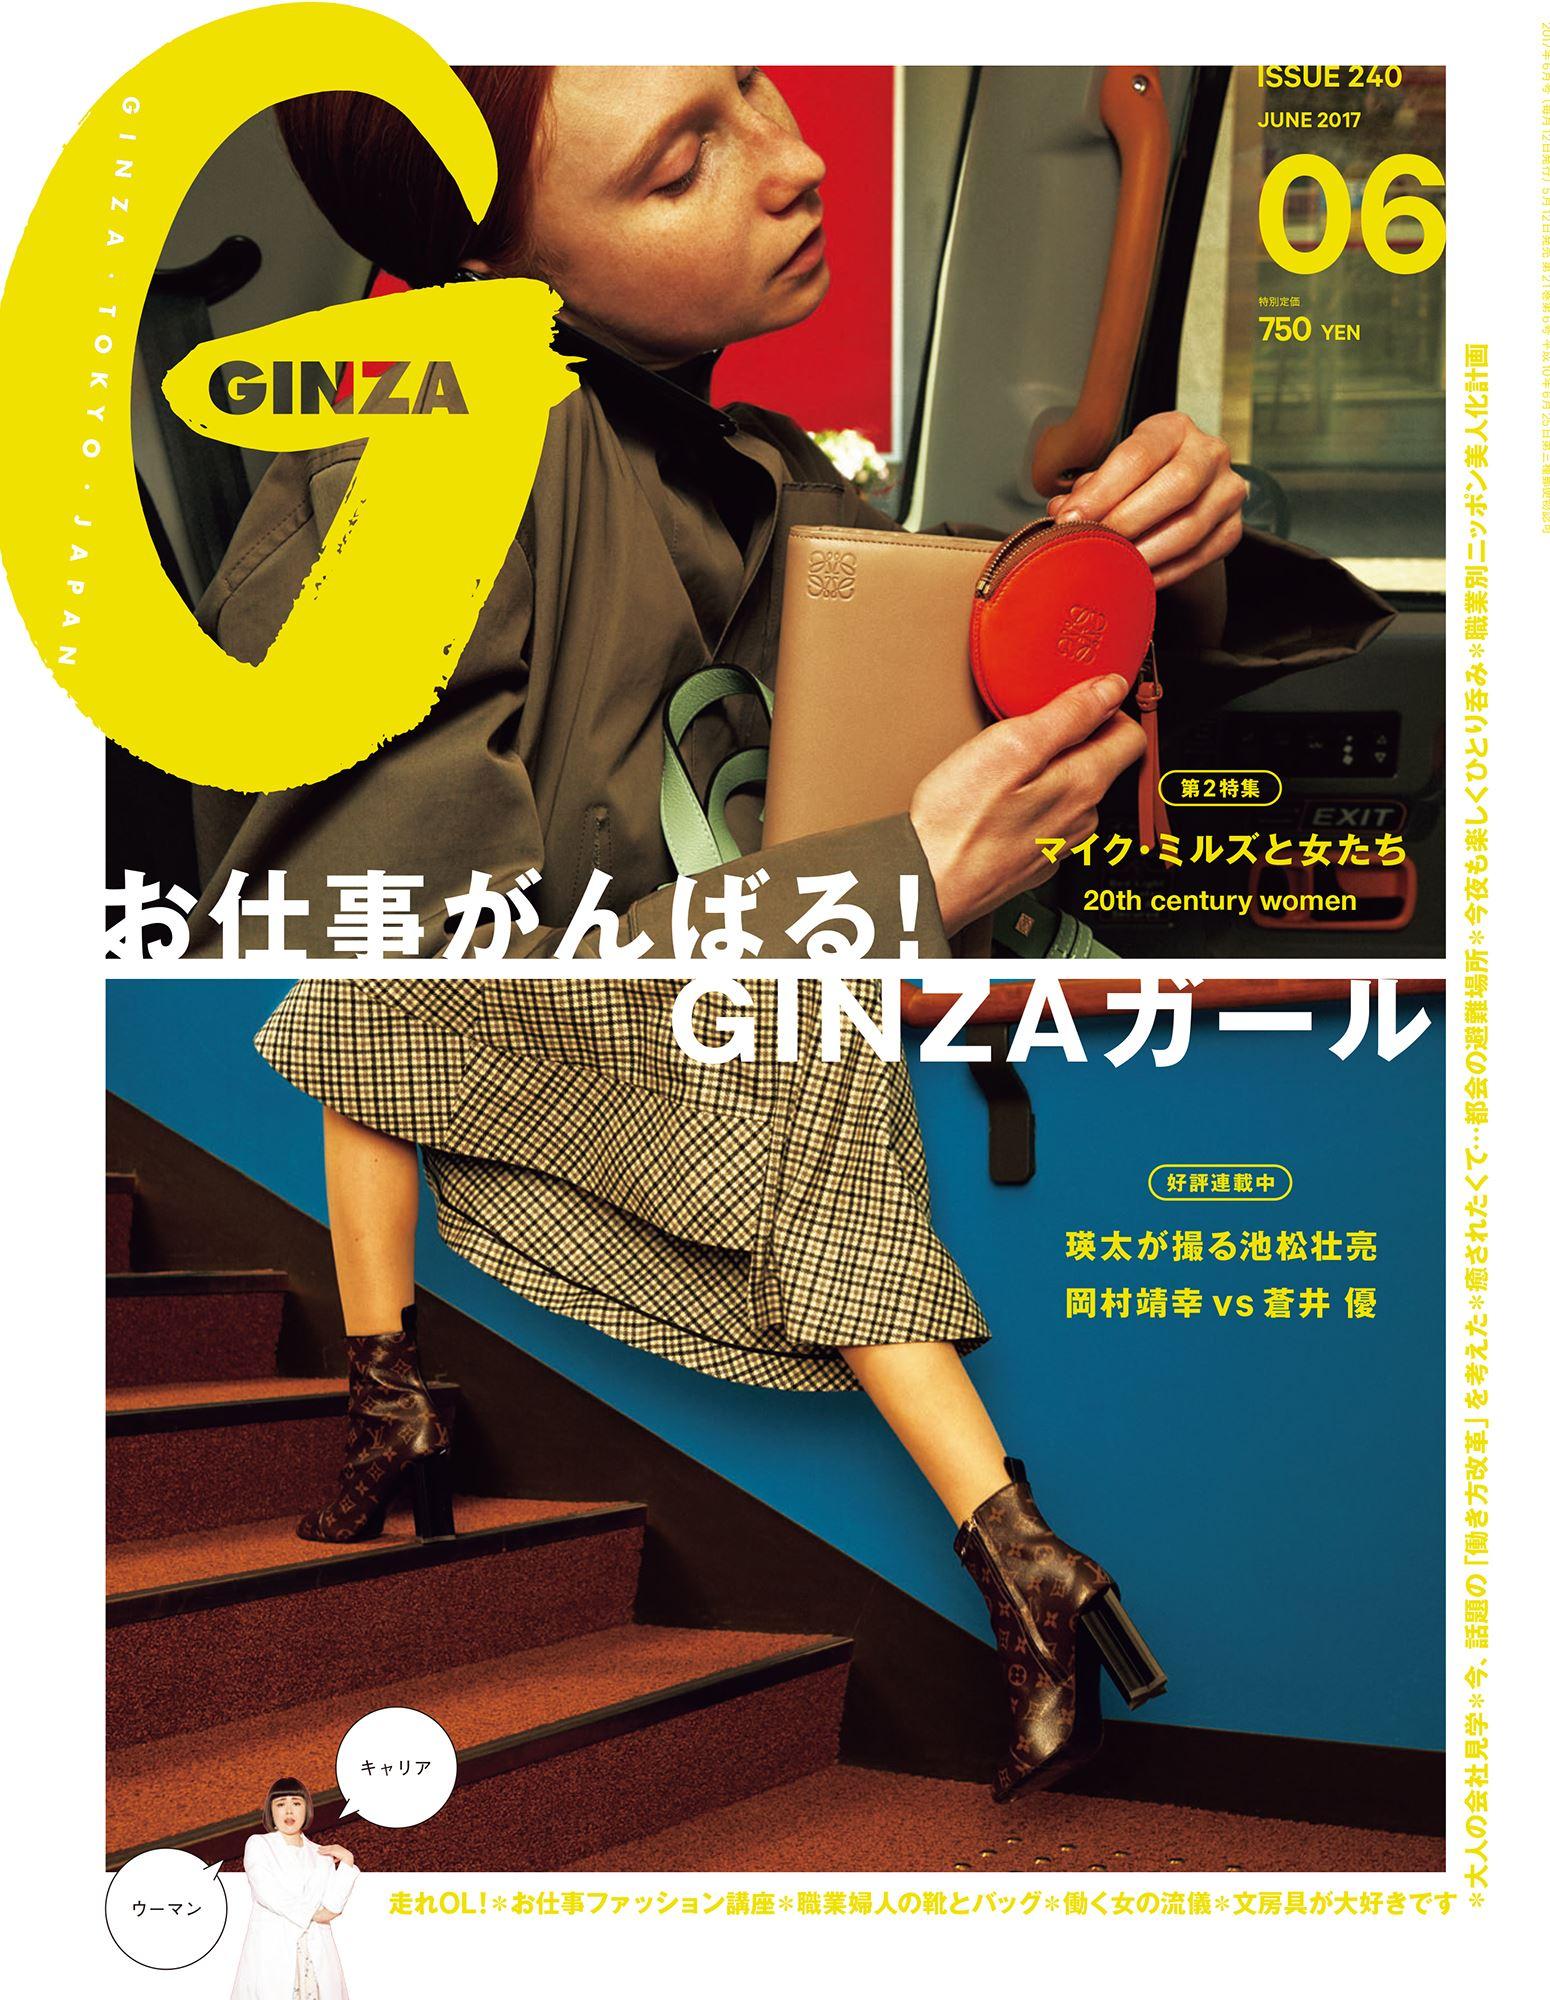 GINZA No.201706